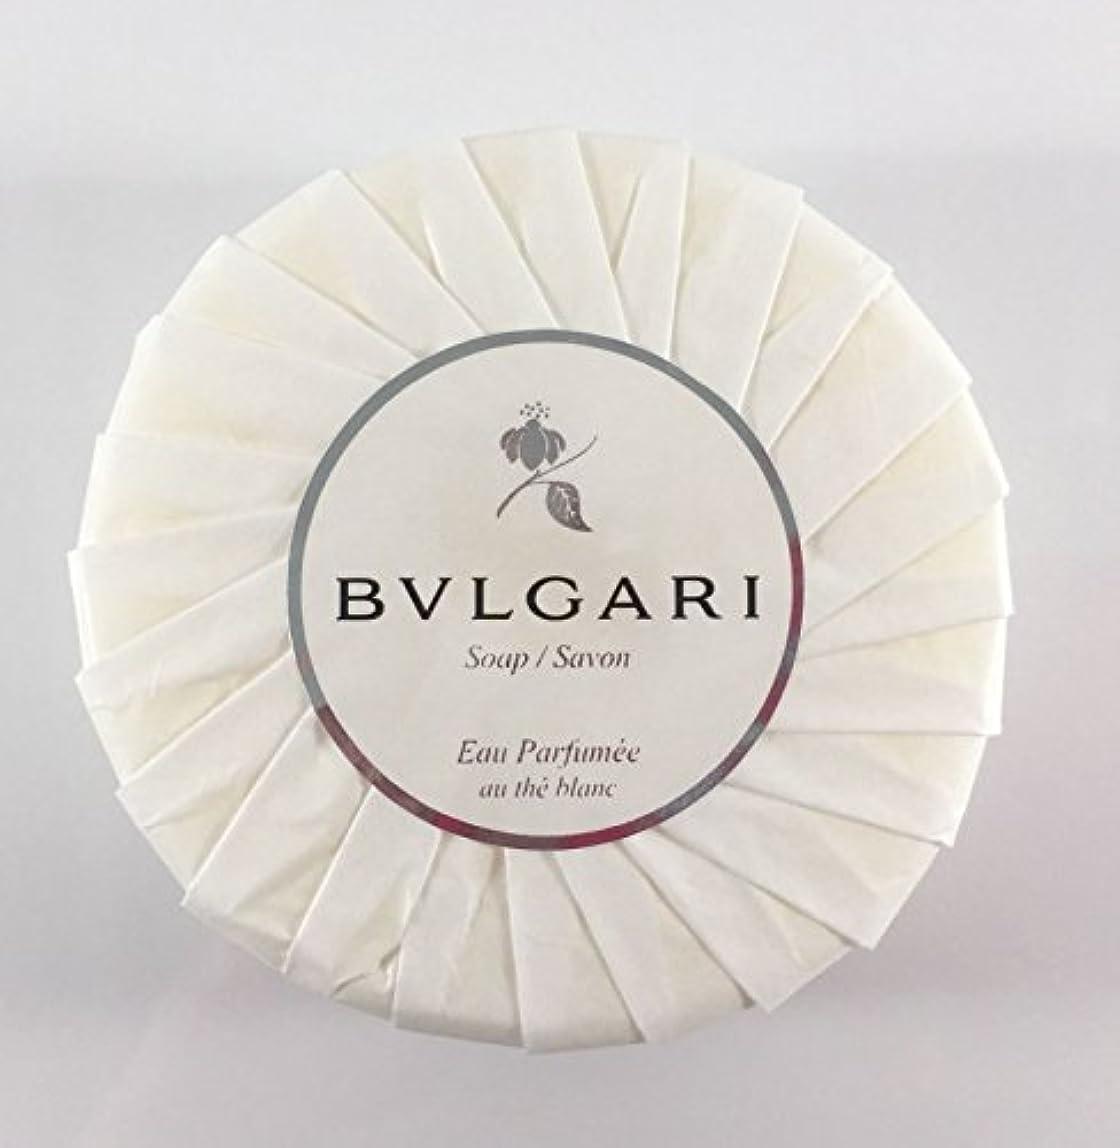 絡まるハンバーガーリーンブルガリ オ?パフメ オーテブラン デラックスソープ150g BVLGARI Bvlgari Eau Parfumee au the blanc White Soap